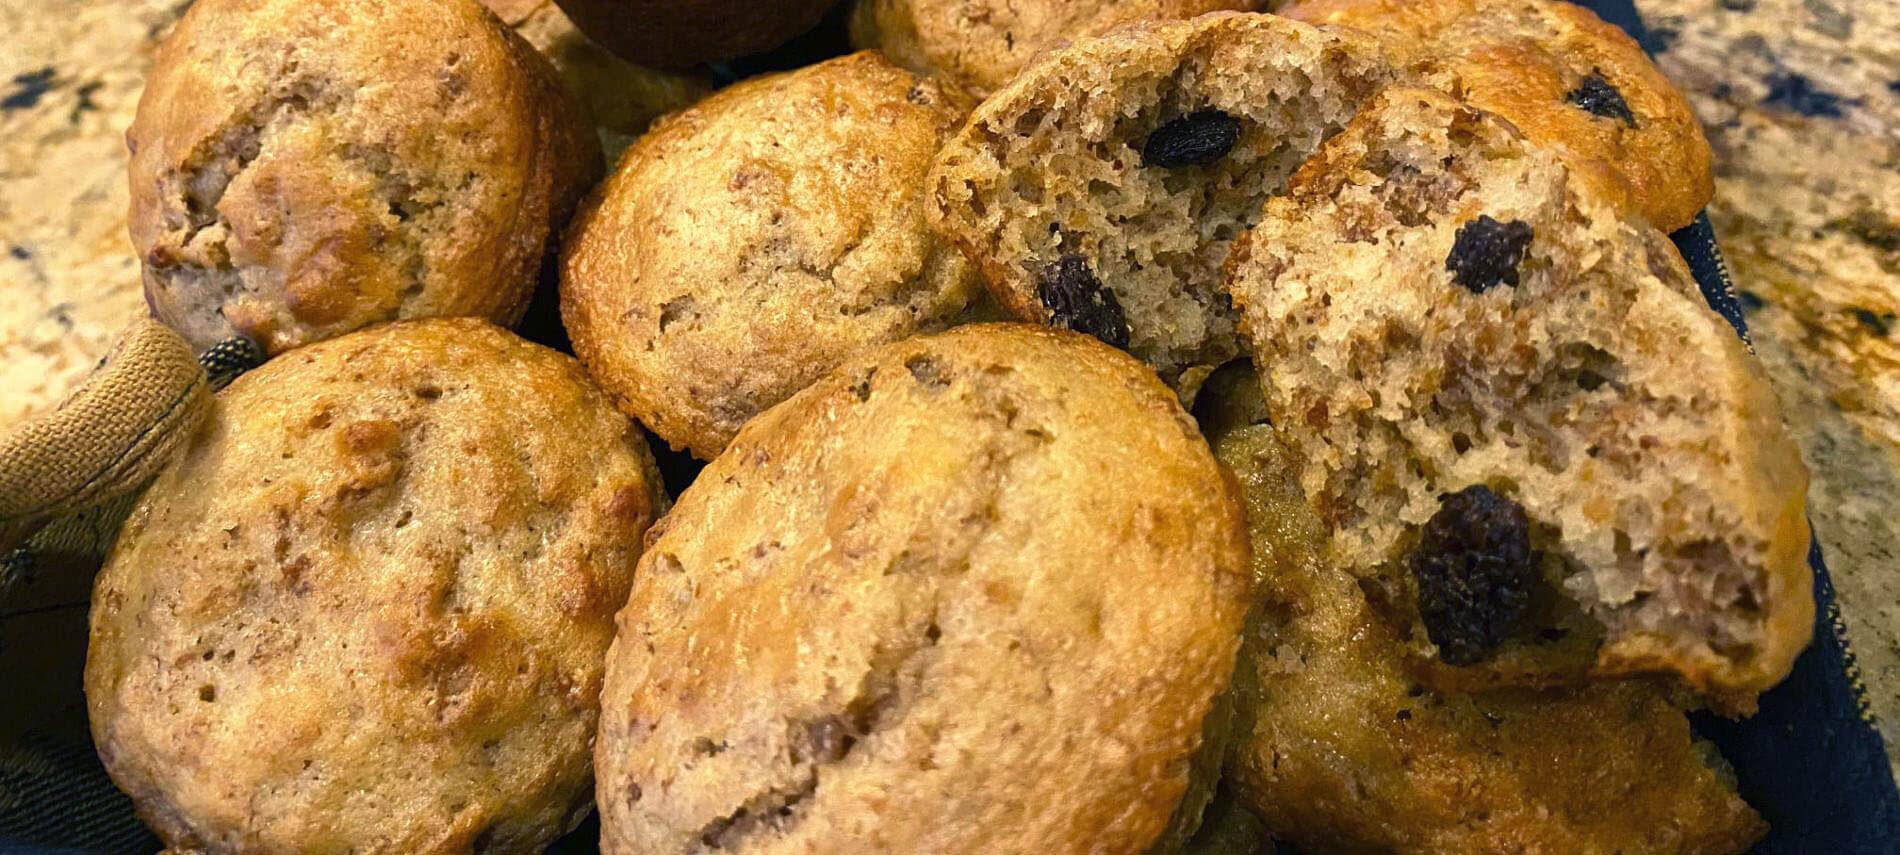 Golden Raisin Bran Muffins